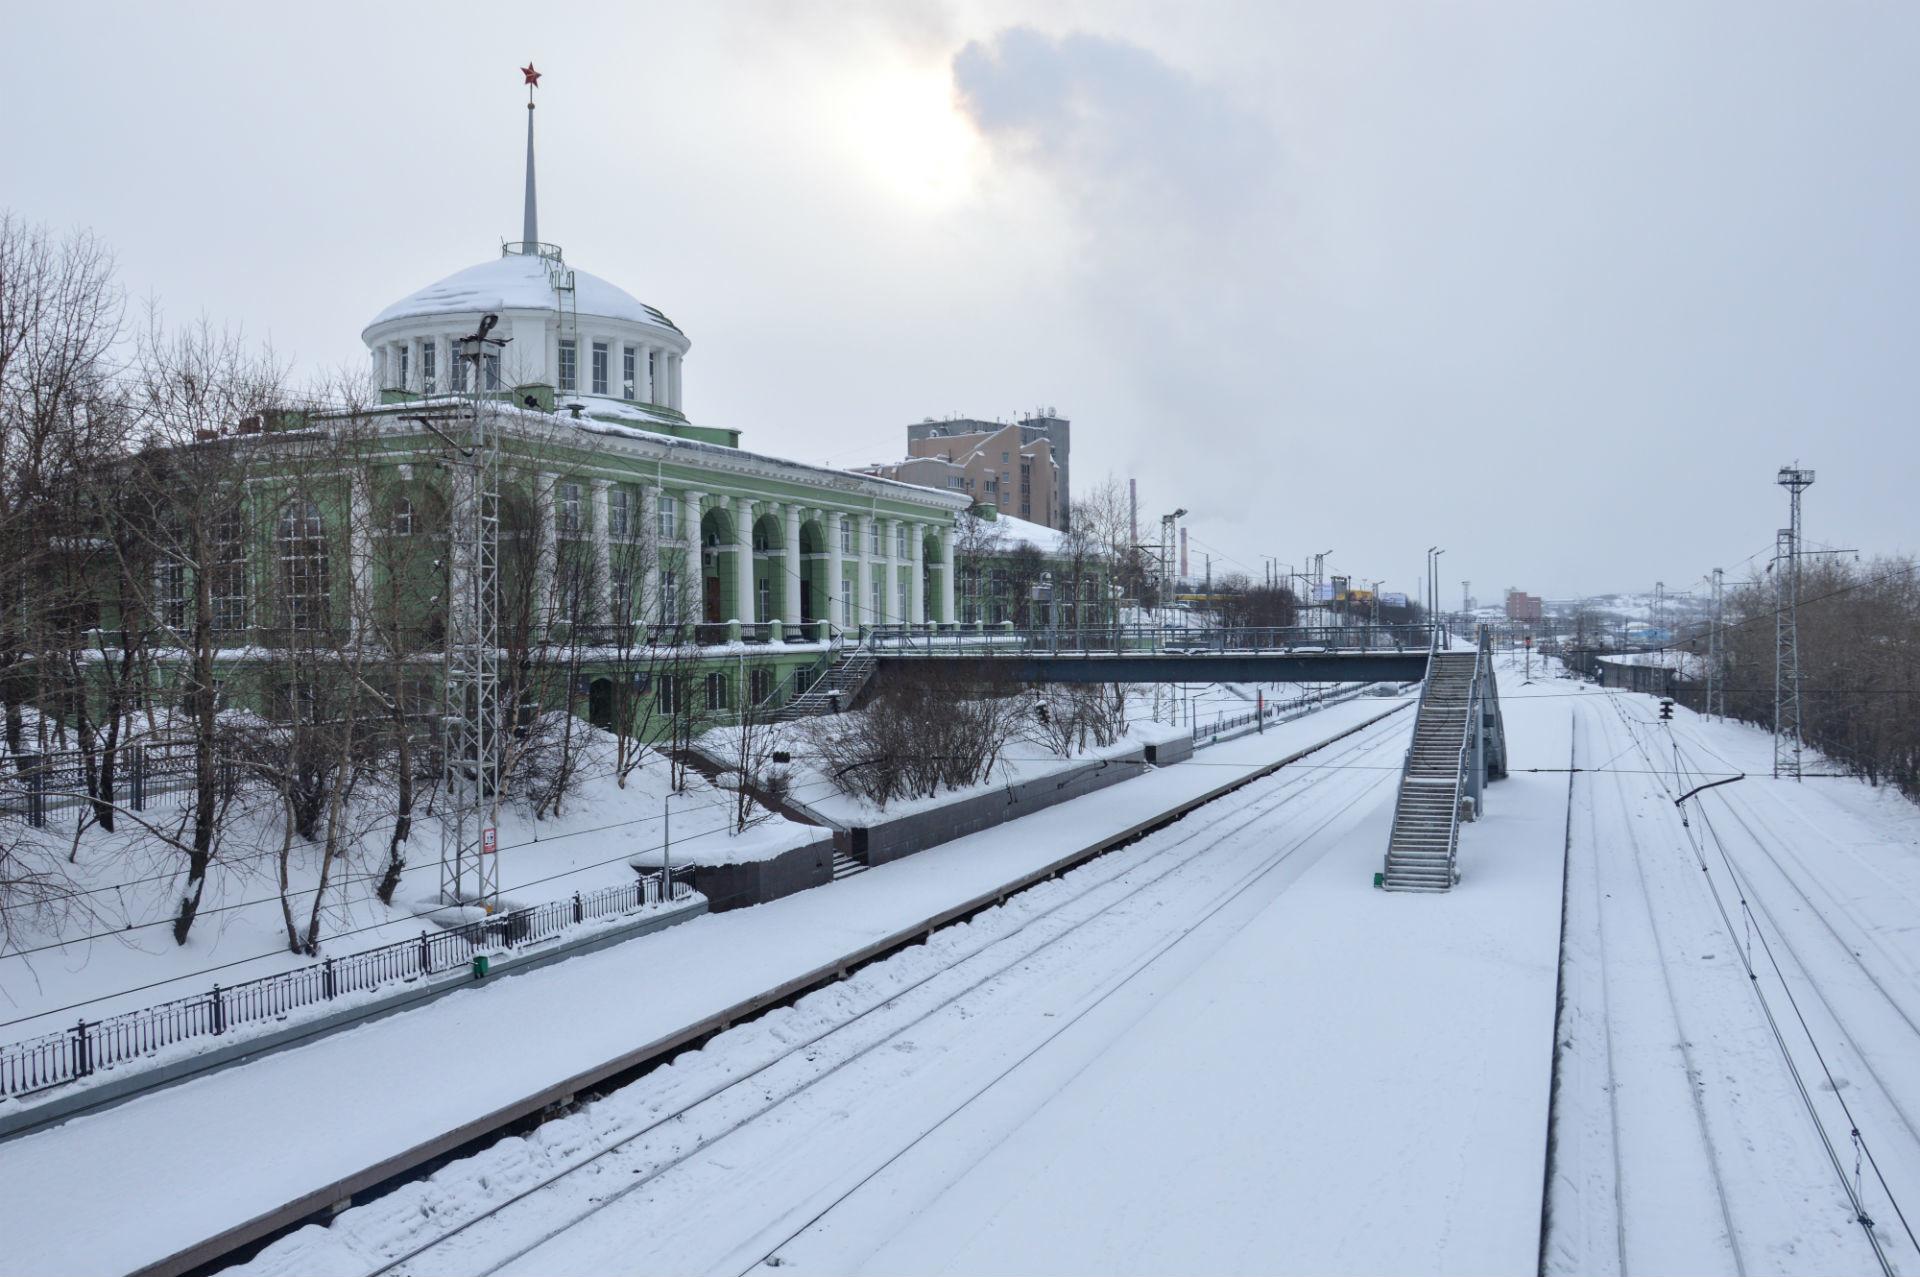 Rdeča zvezda, ki pozdravi potnike na železniški postaji, je simbol neke pretekle dobe.